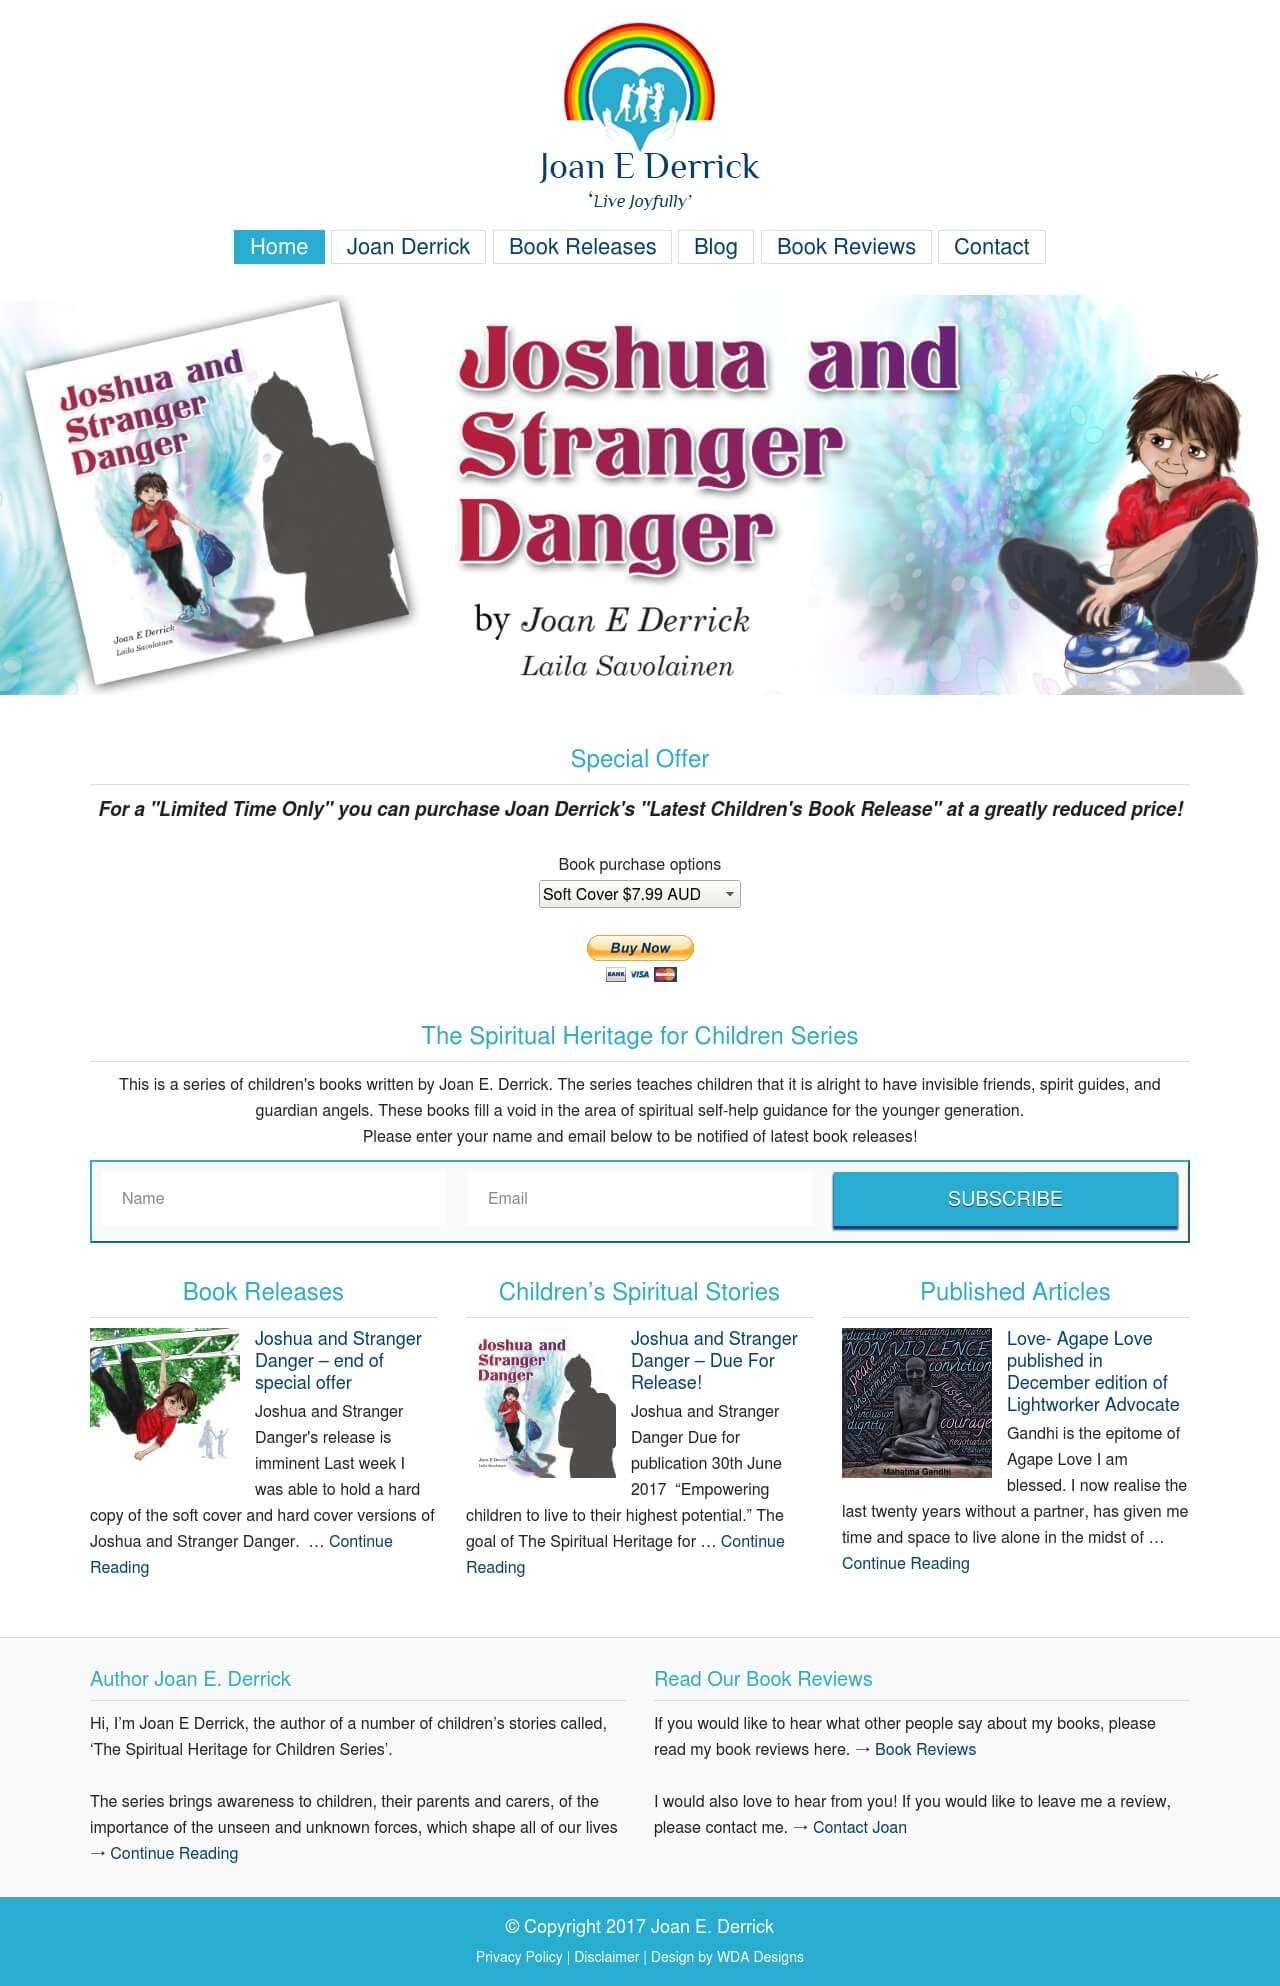 Joan Derrick Website